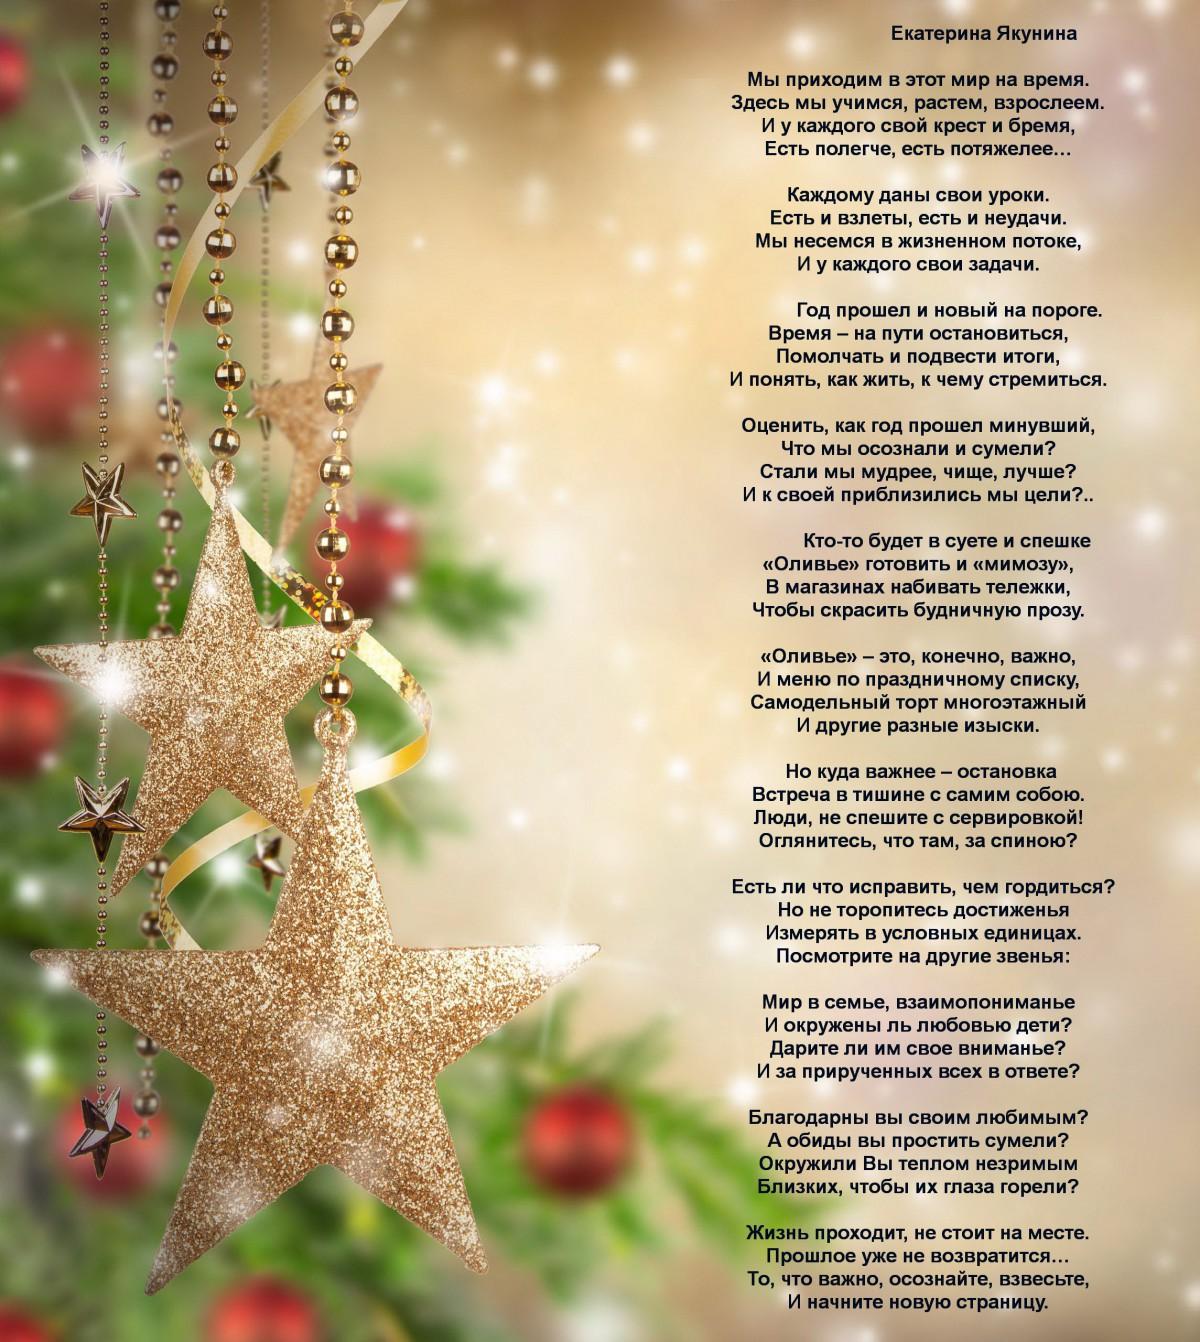 Екатерина Якунина дарит всем бобруйчанам свое новогоднее стихотворение.